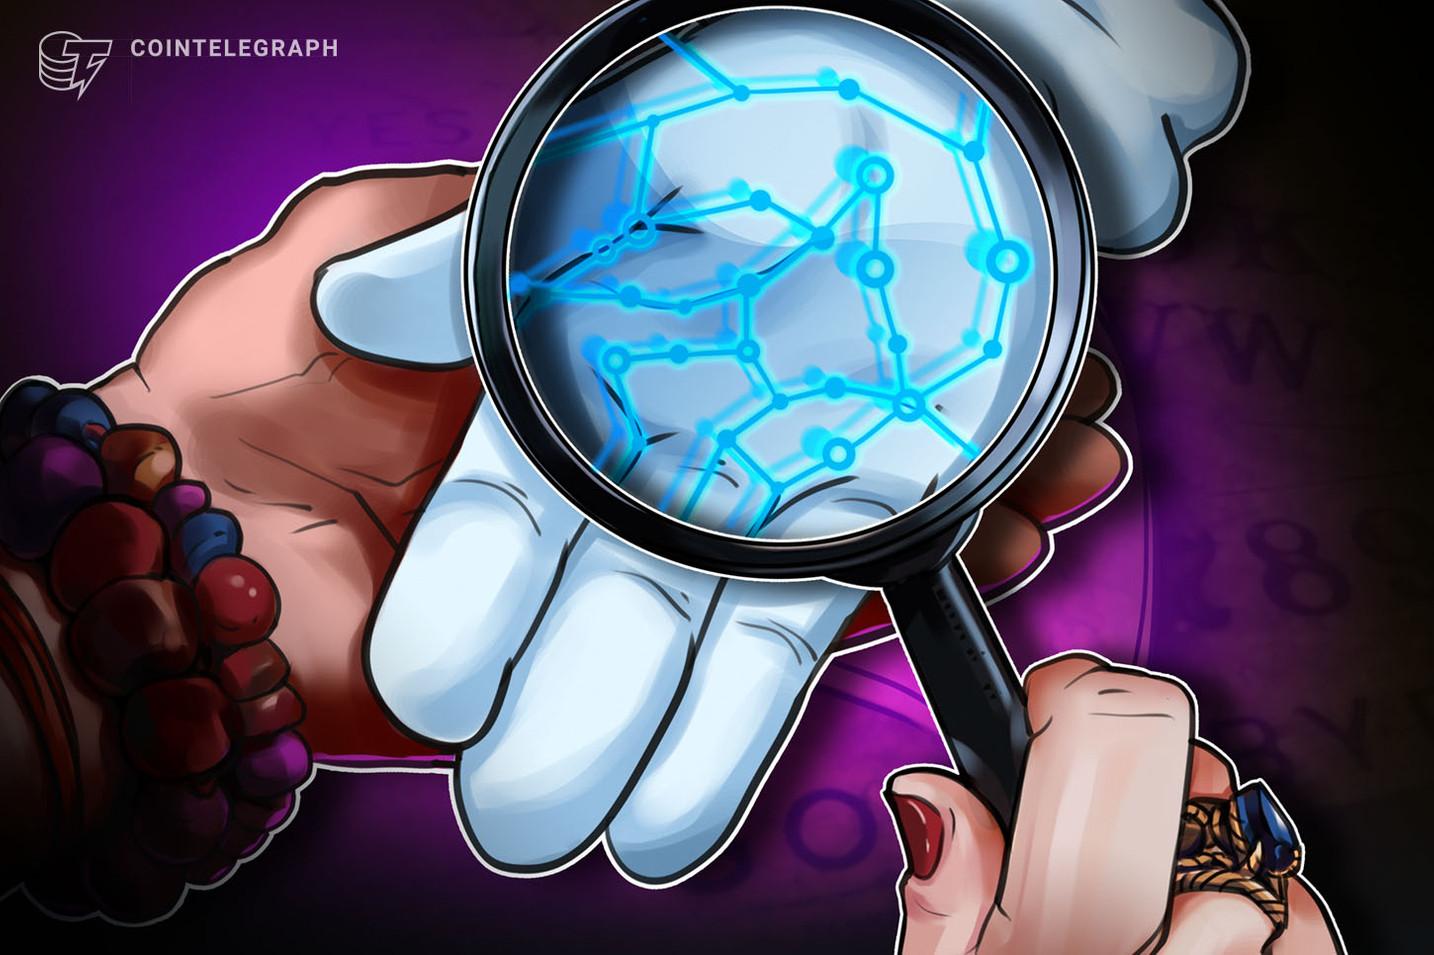 Secondo Tom Jessop di Fidelity, il settore crypto ha raggiunto un punto di svolta